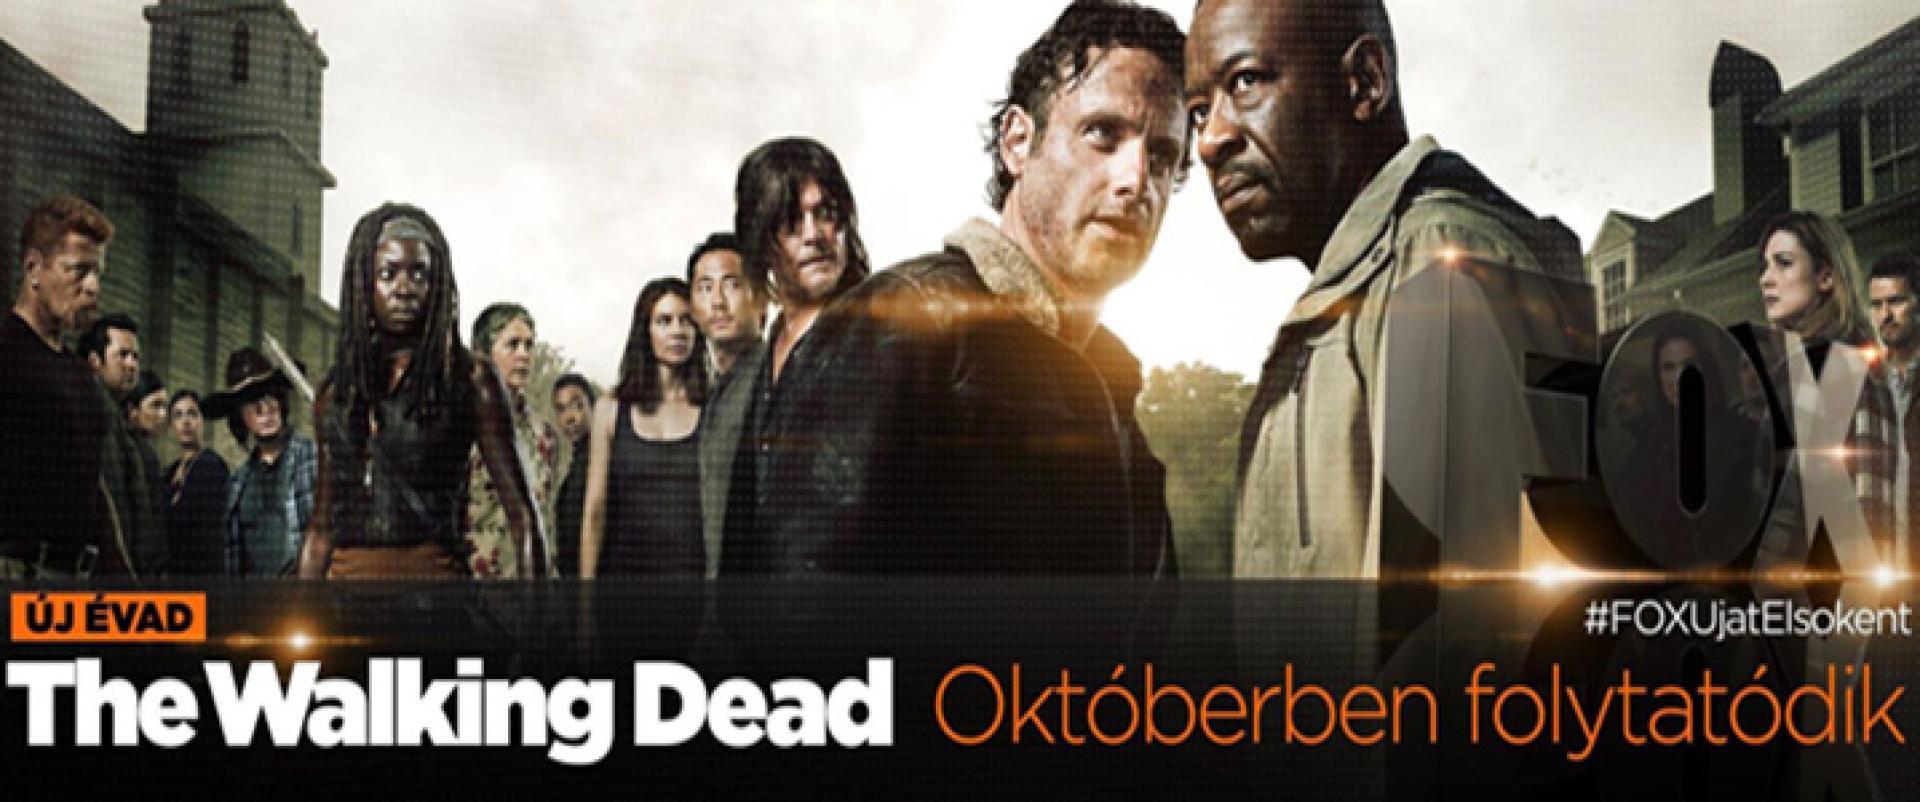 The Walking Dead, 6. évad: képek és infók